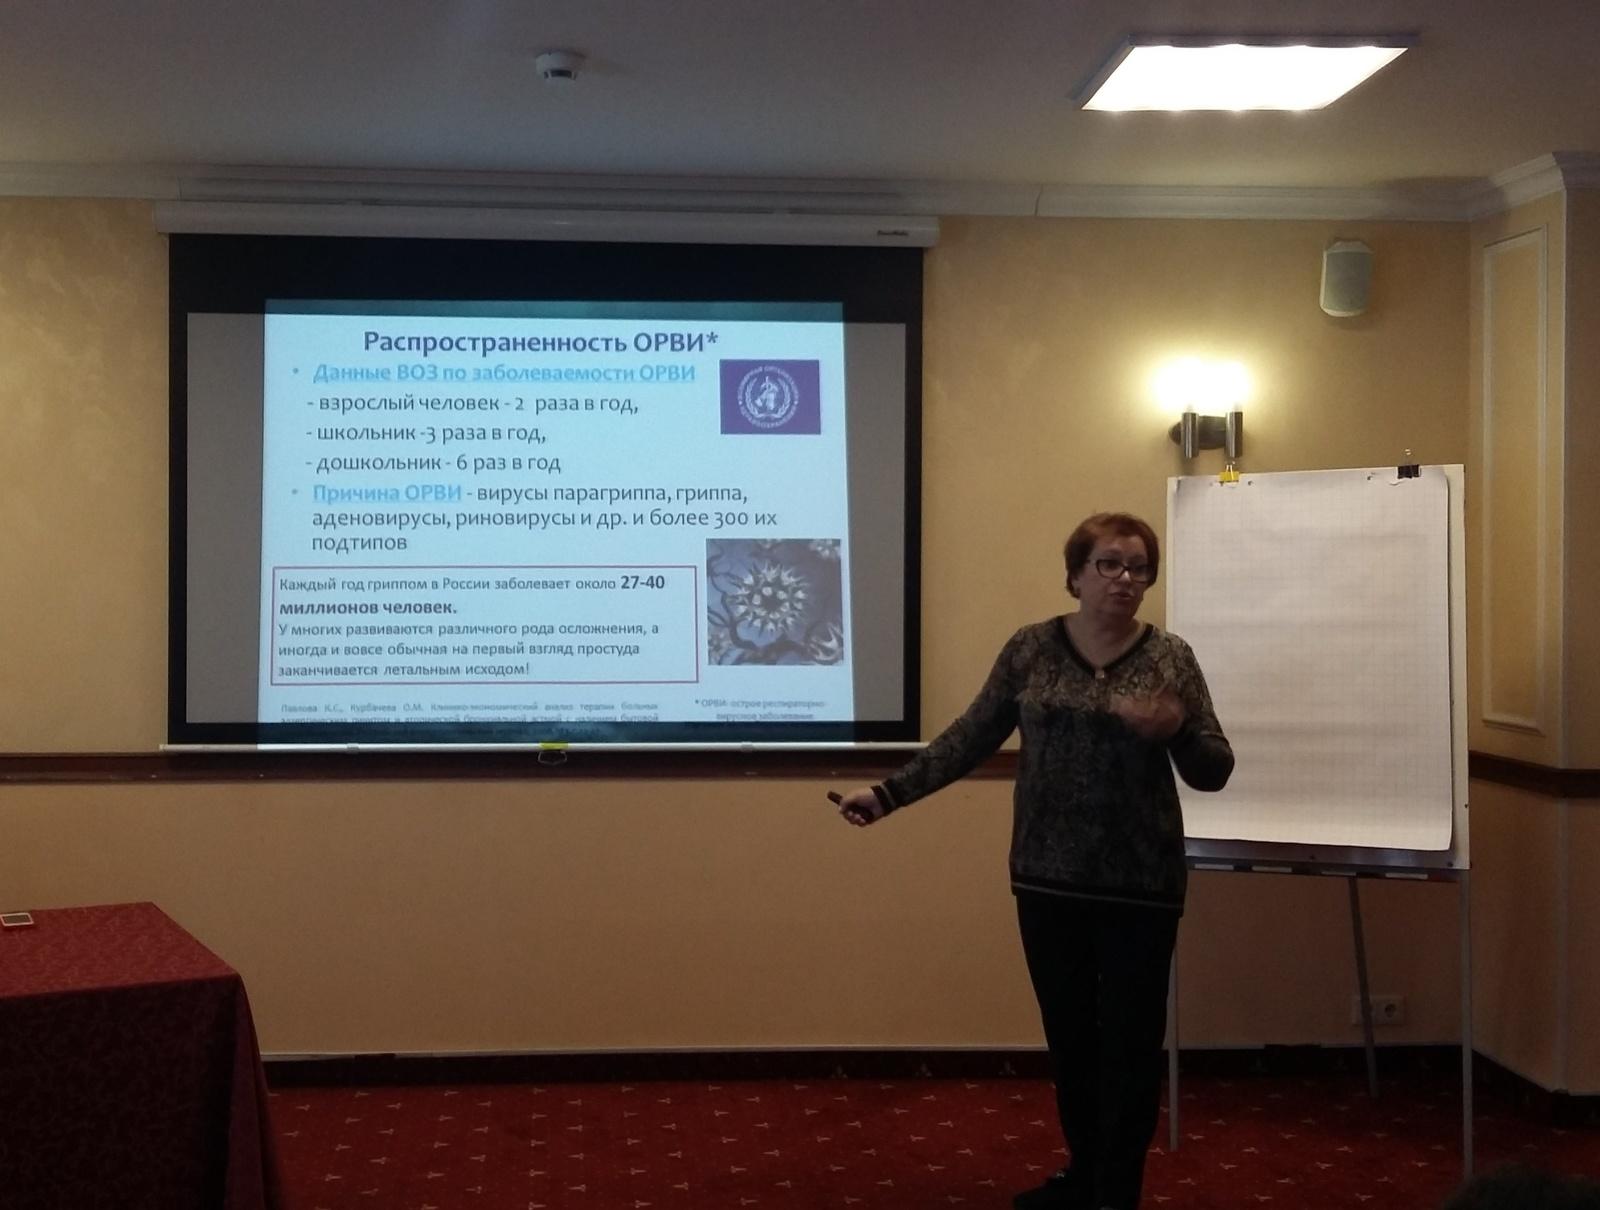 Тематическая конференция ААУ «СоюзФарма» для фармспециалистов Республики Башкортостан